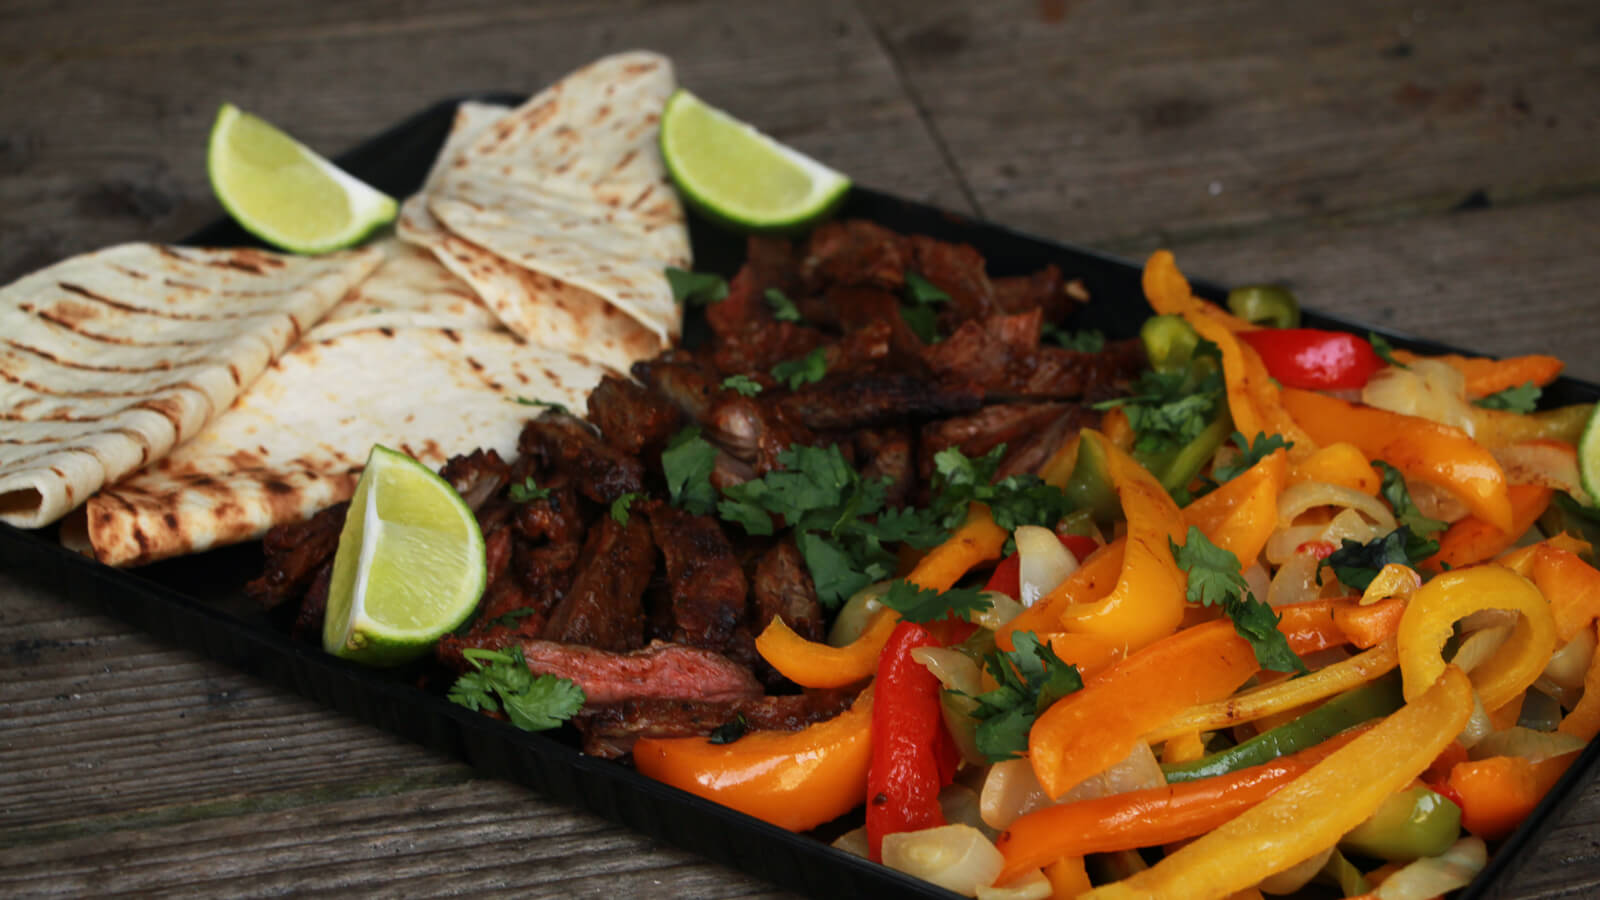 Met deze Skirt Steak Fajita's serveer je een heerlijke Mexicaanse BBQ maaltijd!